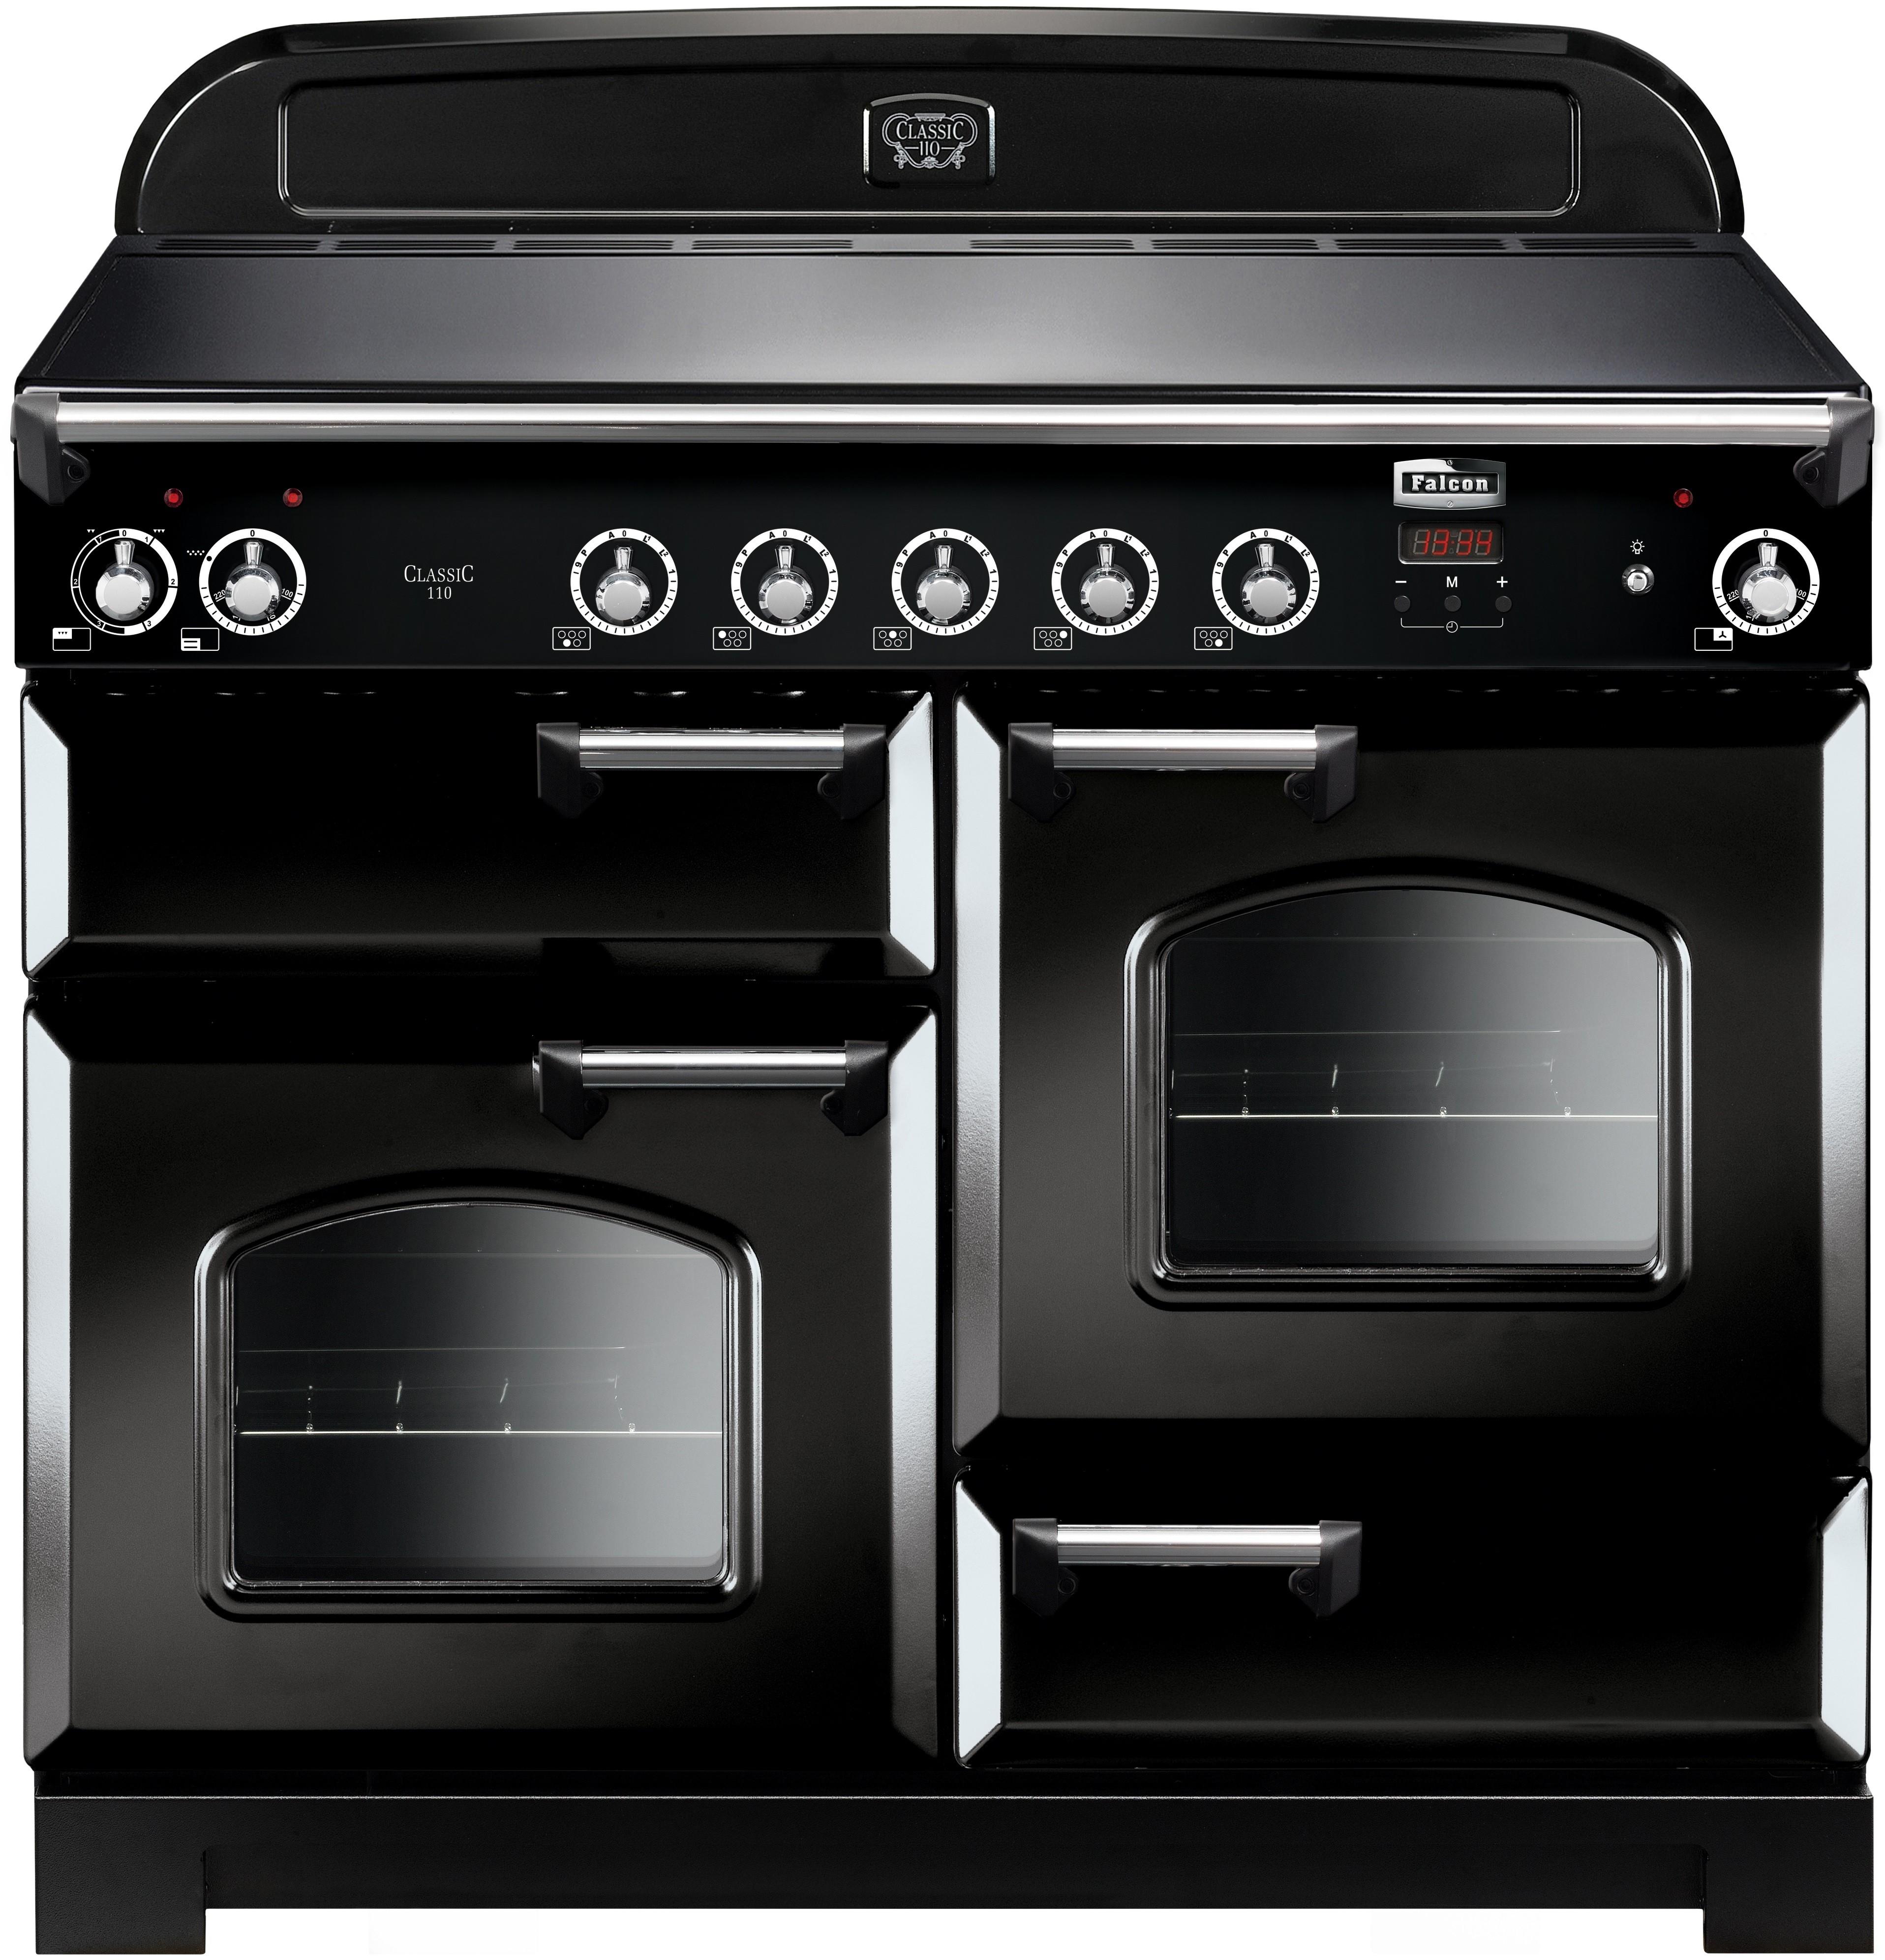 Comment Differencier Induction Et Vitroceramique cuisinière falcon classic induction 110 cm | cuisinières